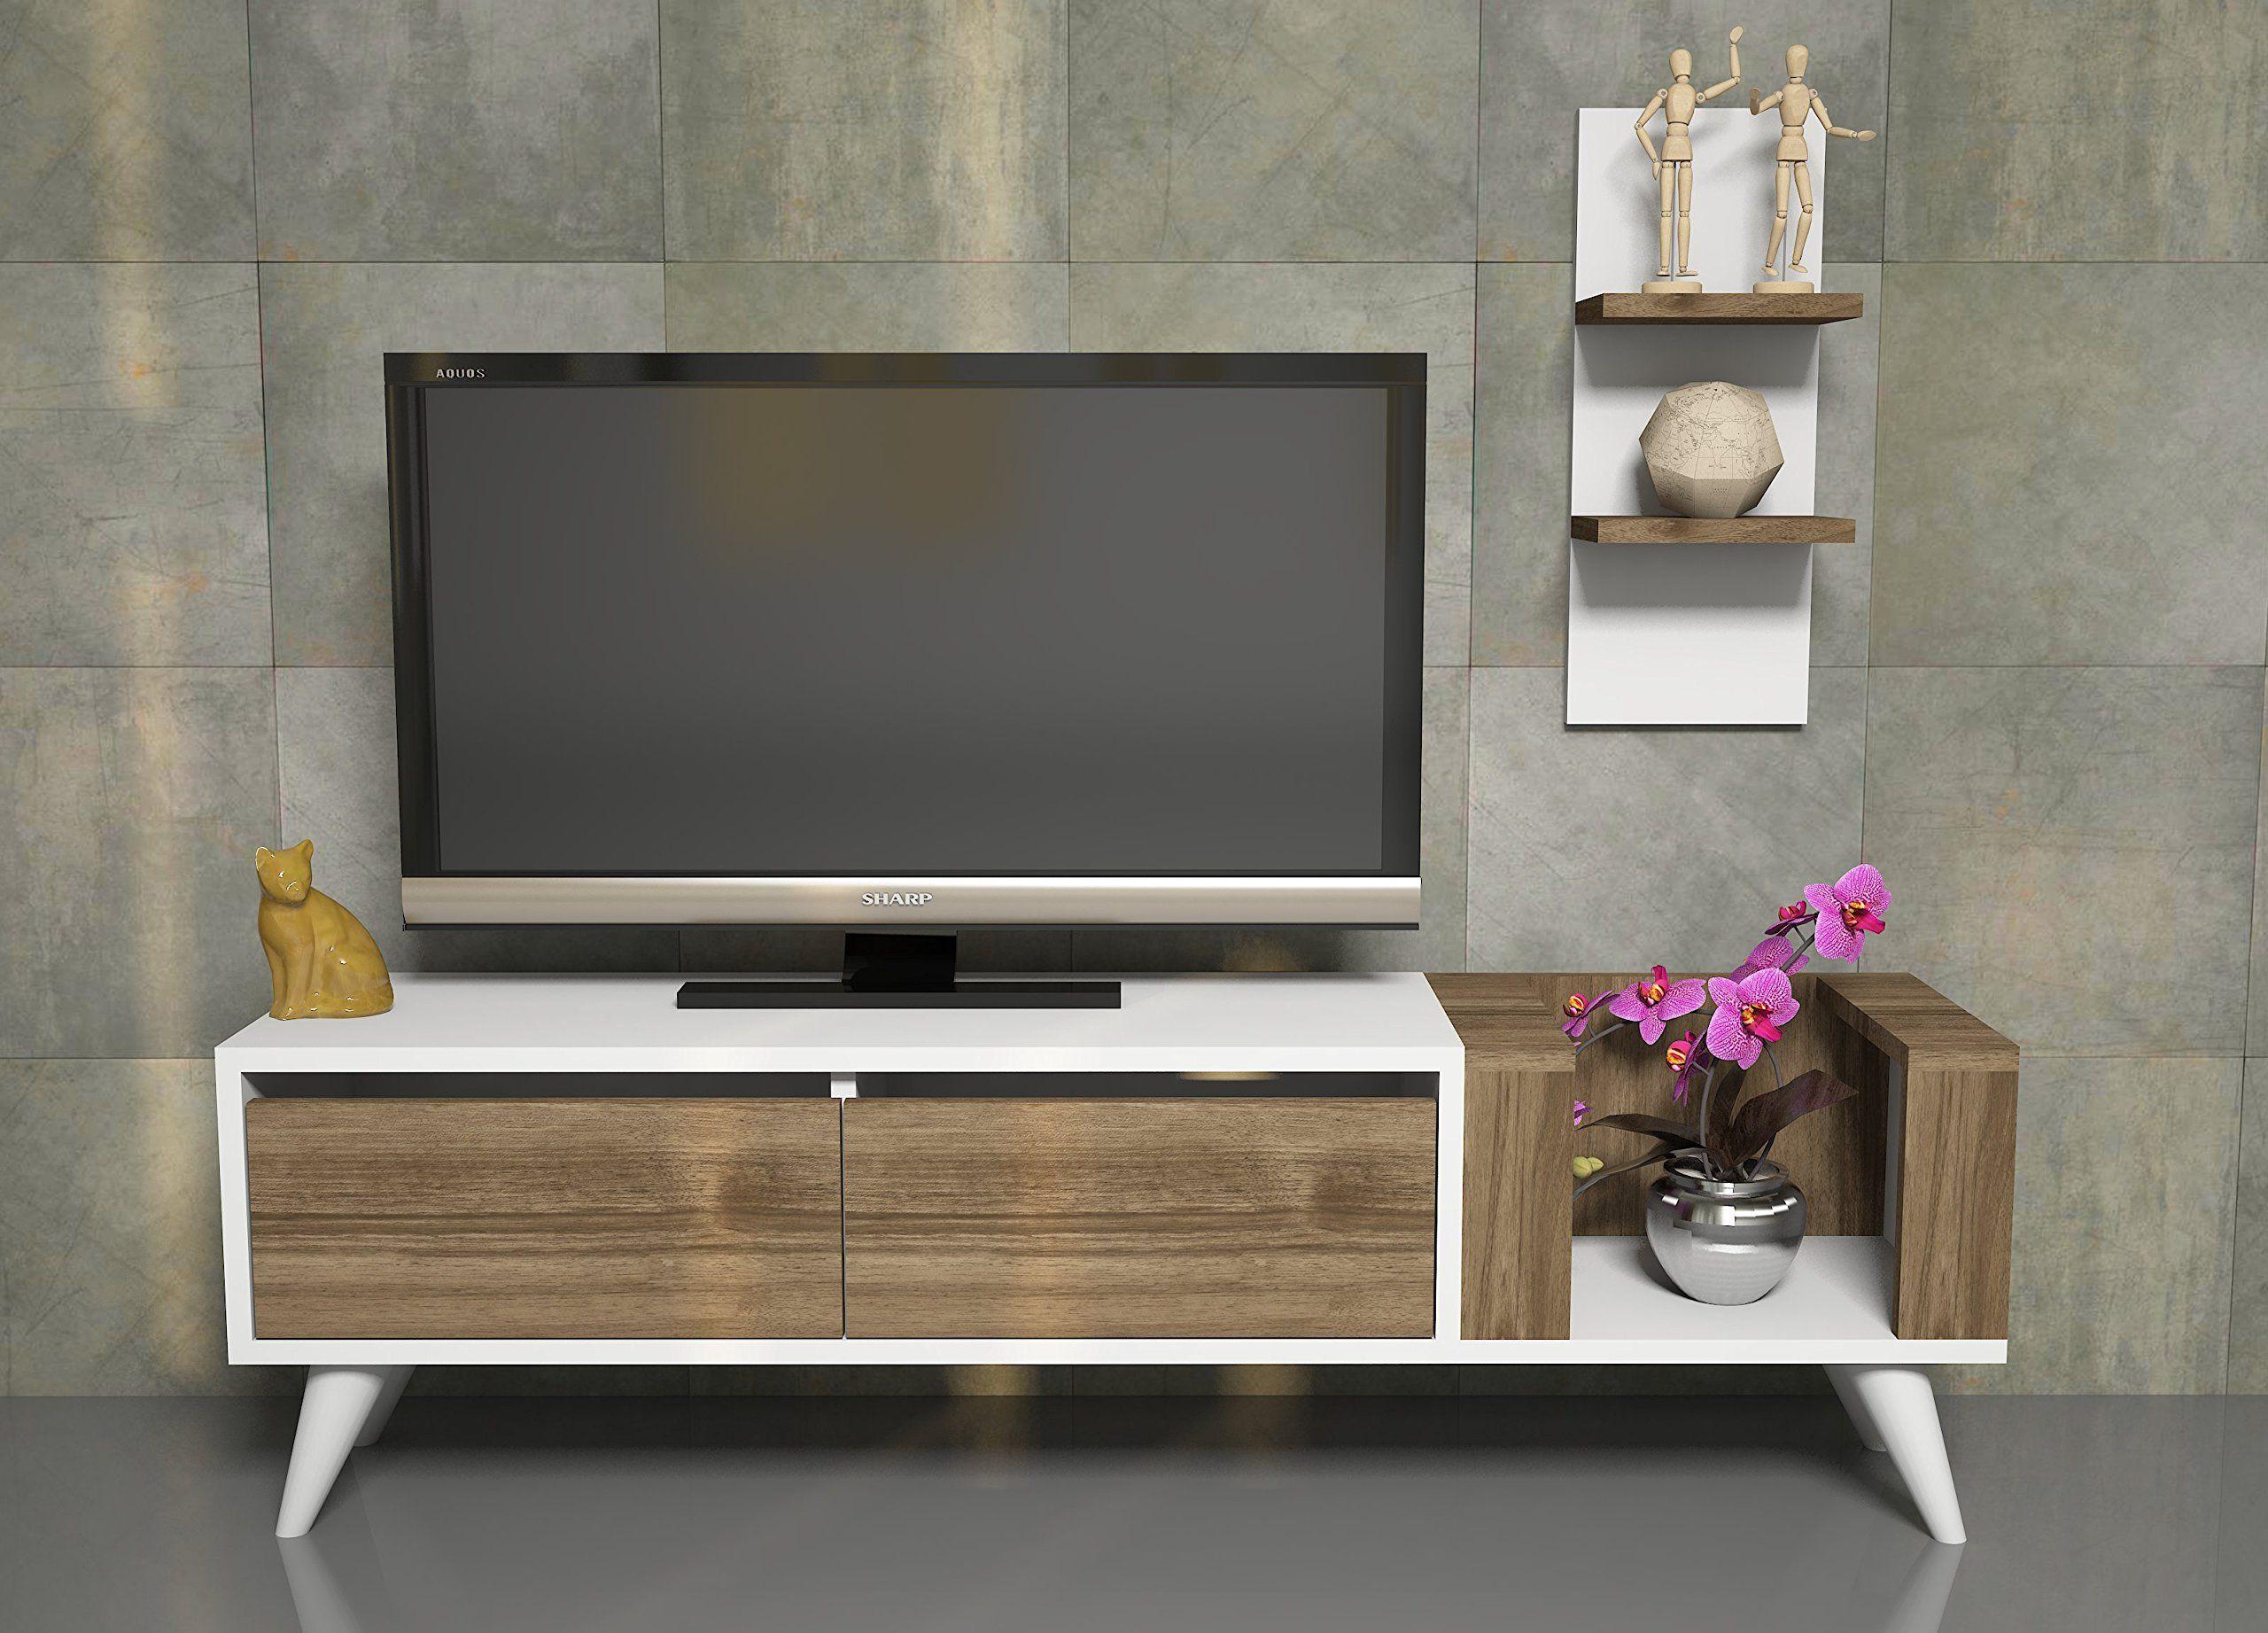 Pers Mueble Sal N Comedor Para Televisi N Con 2 Puerta Y Estante  # Muebles Teca Interior